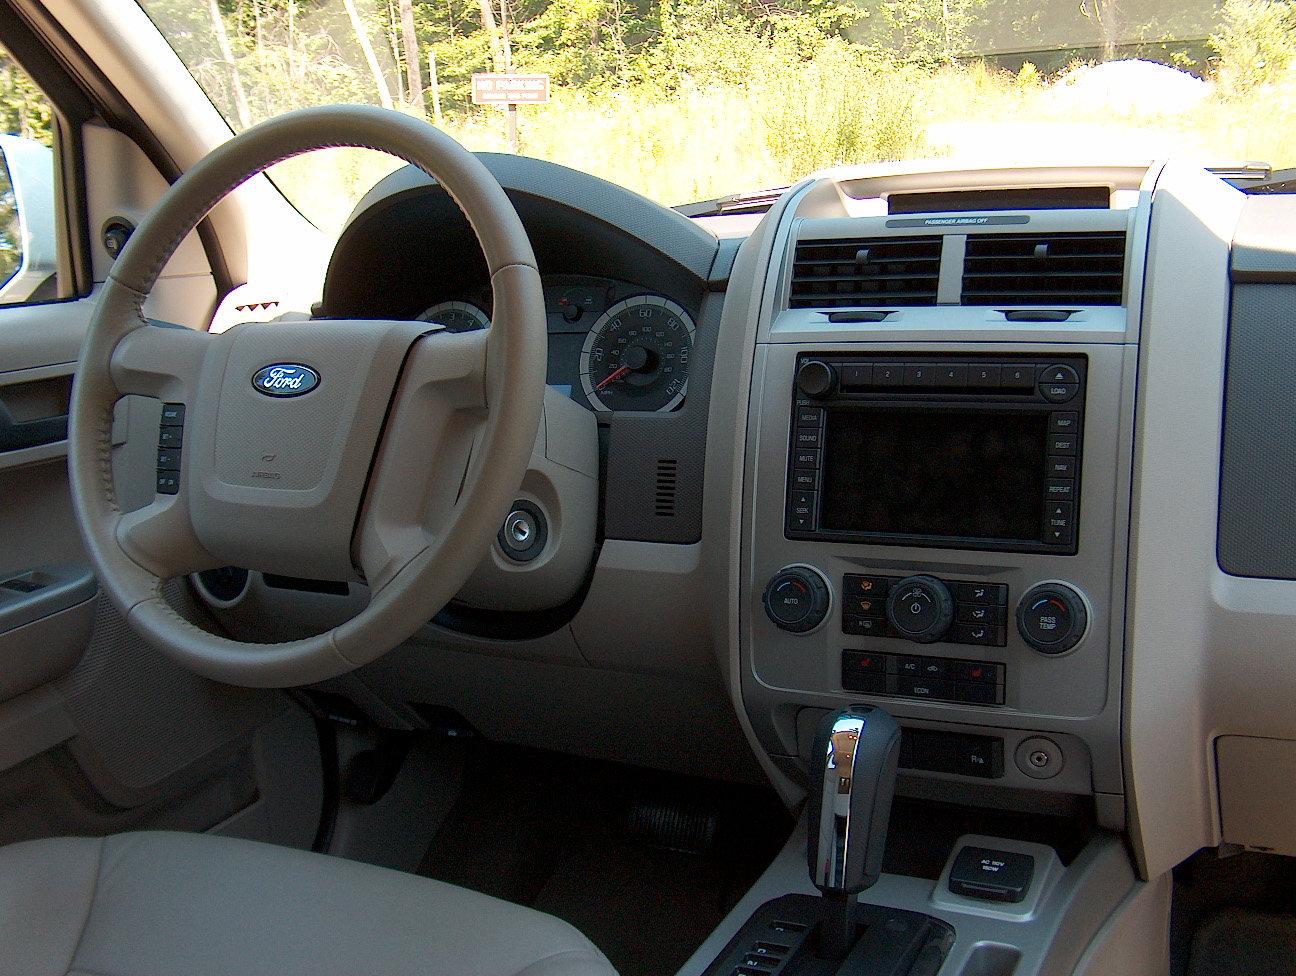 2008 Ford Escape Image 10